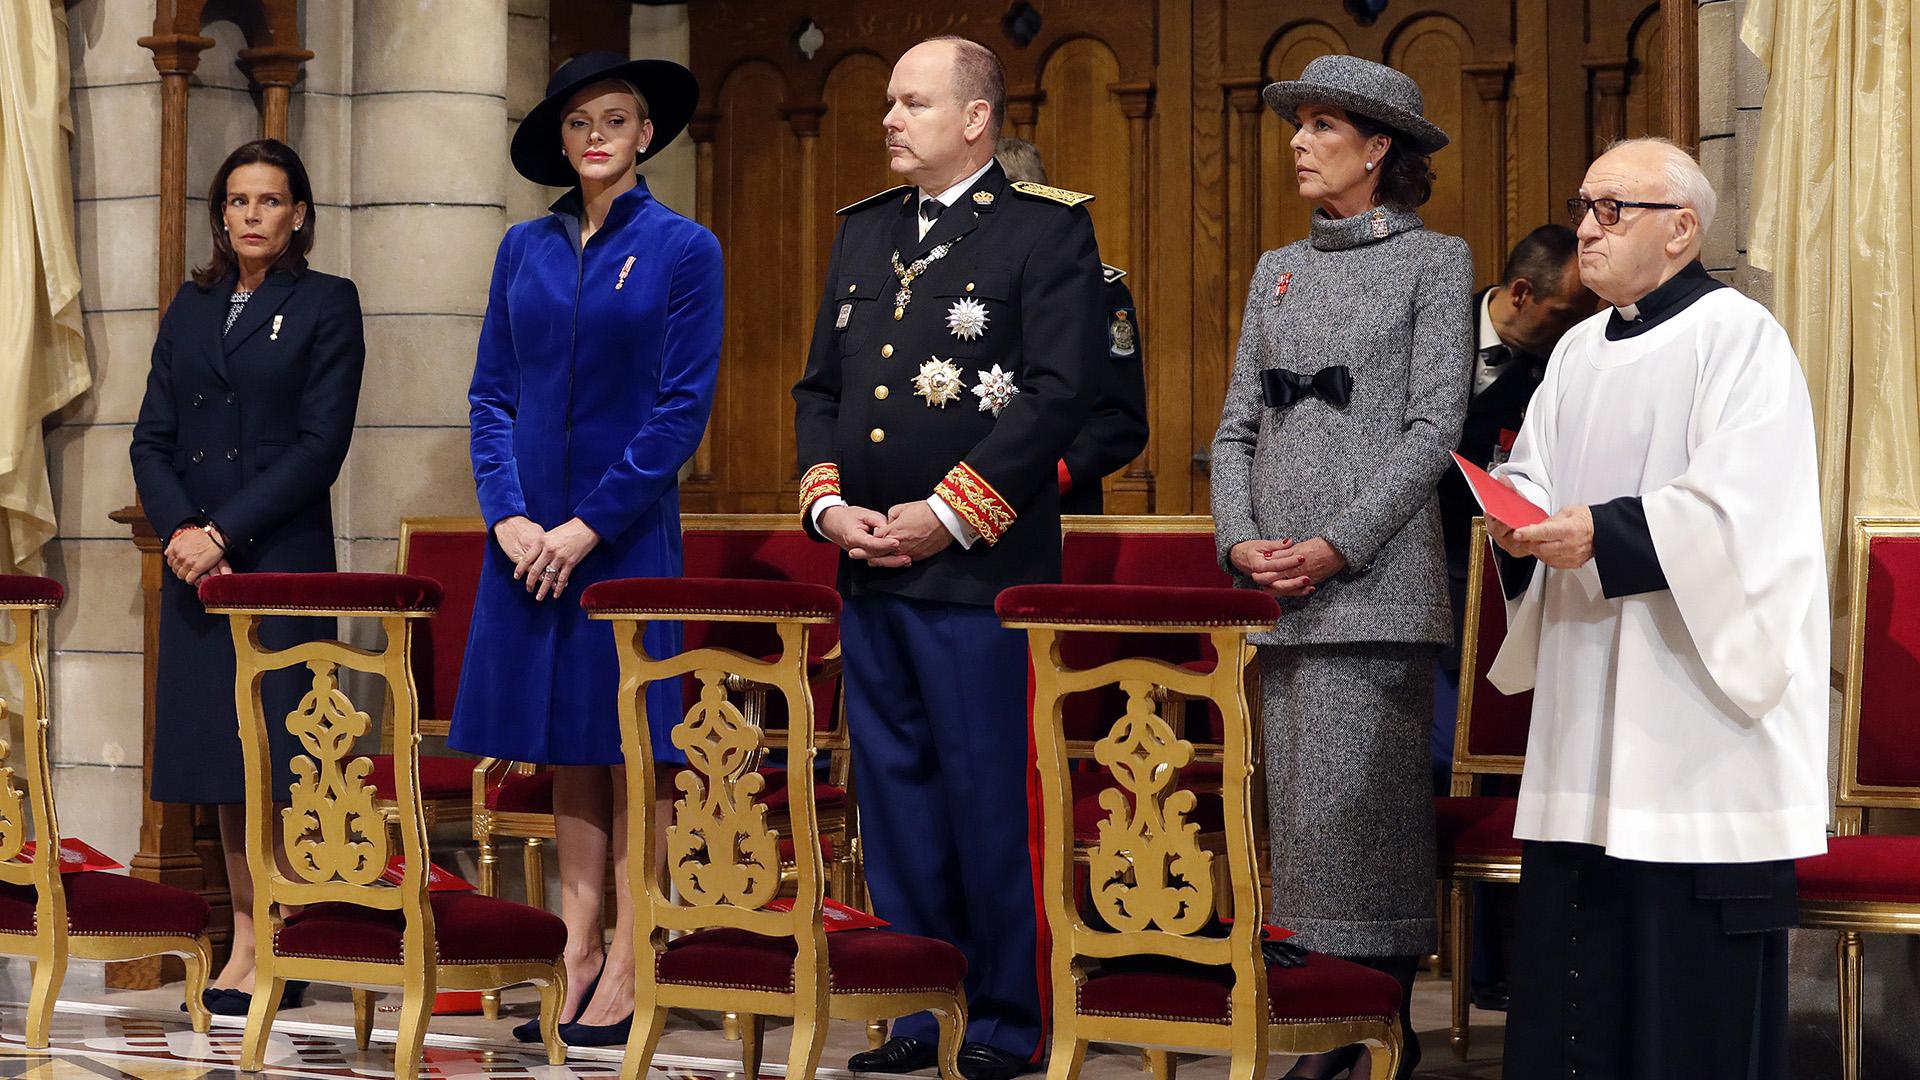 Estefanía, Charlene, Alberto y Carolina: la familia real de Mónaco se mostró a pleno durante la ceremonia religiosa